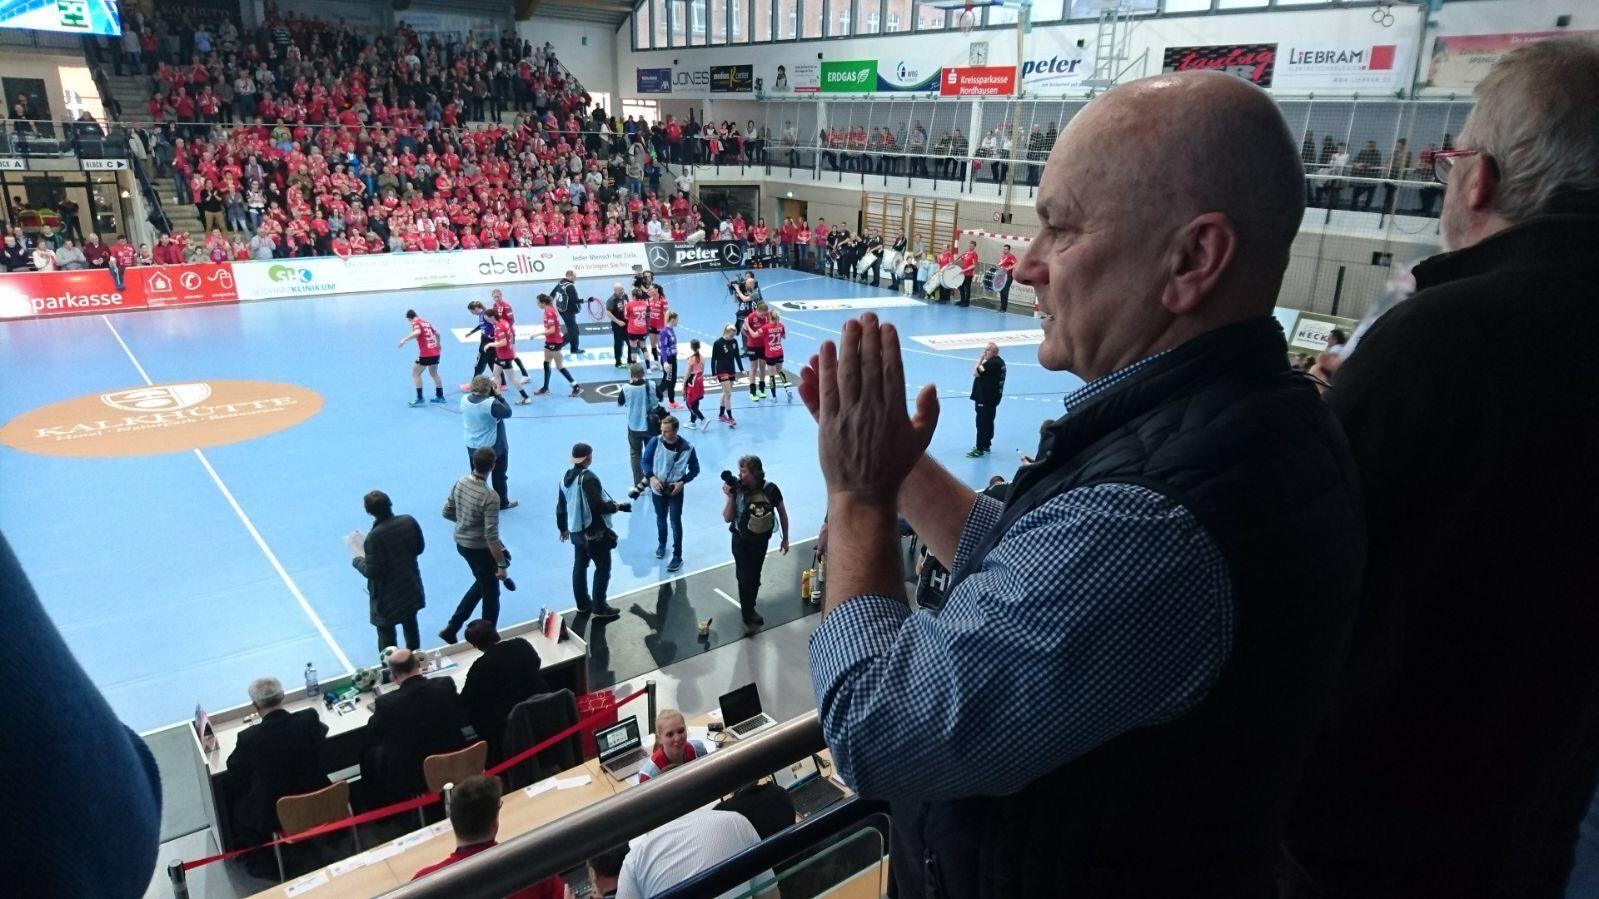 Ein an Spannung kaum zu übertreffendes Champions-League Spiel des Deutschen Damen-Handball-Meisters THC Erfurt durfte ich in der Wiedigsburghalle Nordhausen erleben. Bis 20 Sekunden vor dem Ende lagen die Thüringer gegen die favorisierten FTC Budapest in Führung, dann gab es den Ausgleich, der leider das Aus für den THC bedeutete. Aber gute Leistung, war die gesamte Halle einig.